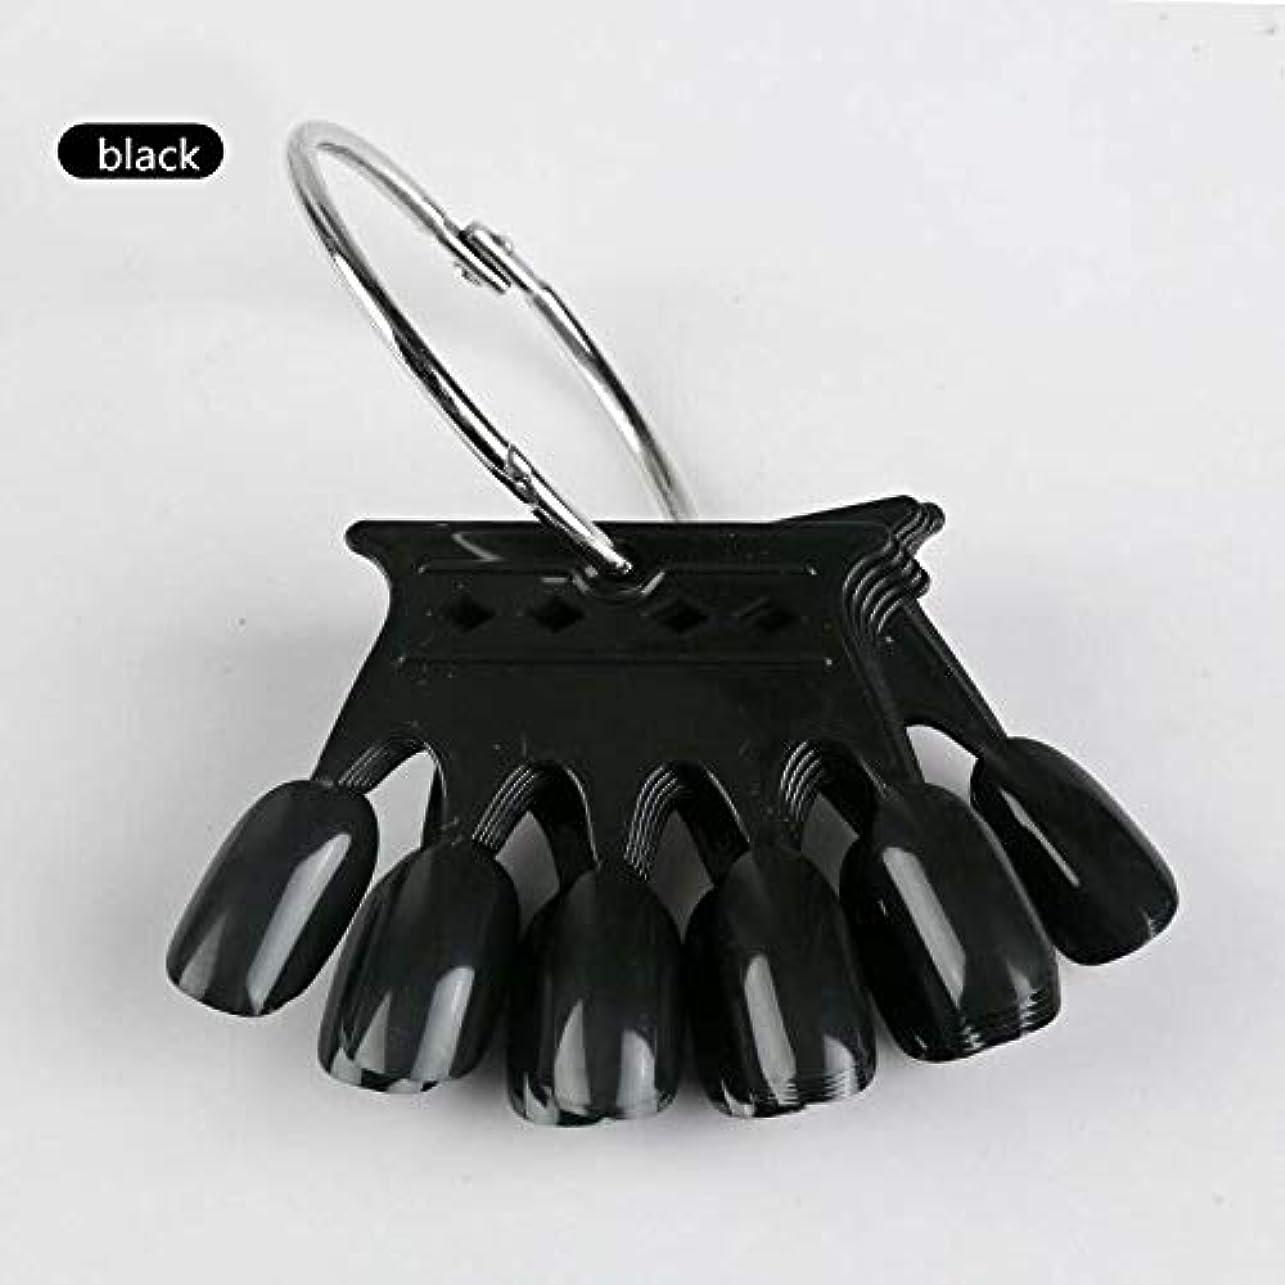 原子炉壊れたメディア10pcs Black Crown Shaped Nail Art Display Tips False Nail Tips Fake Palette Acrylic UV Gel Polish Manicure Practice...